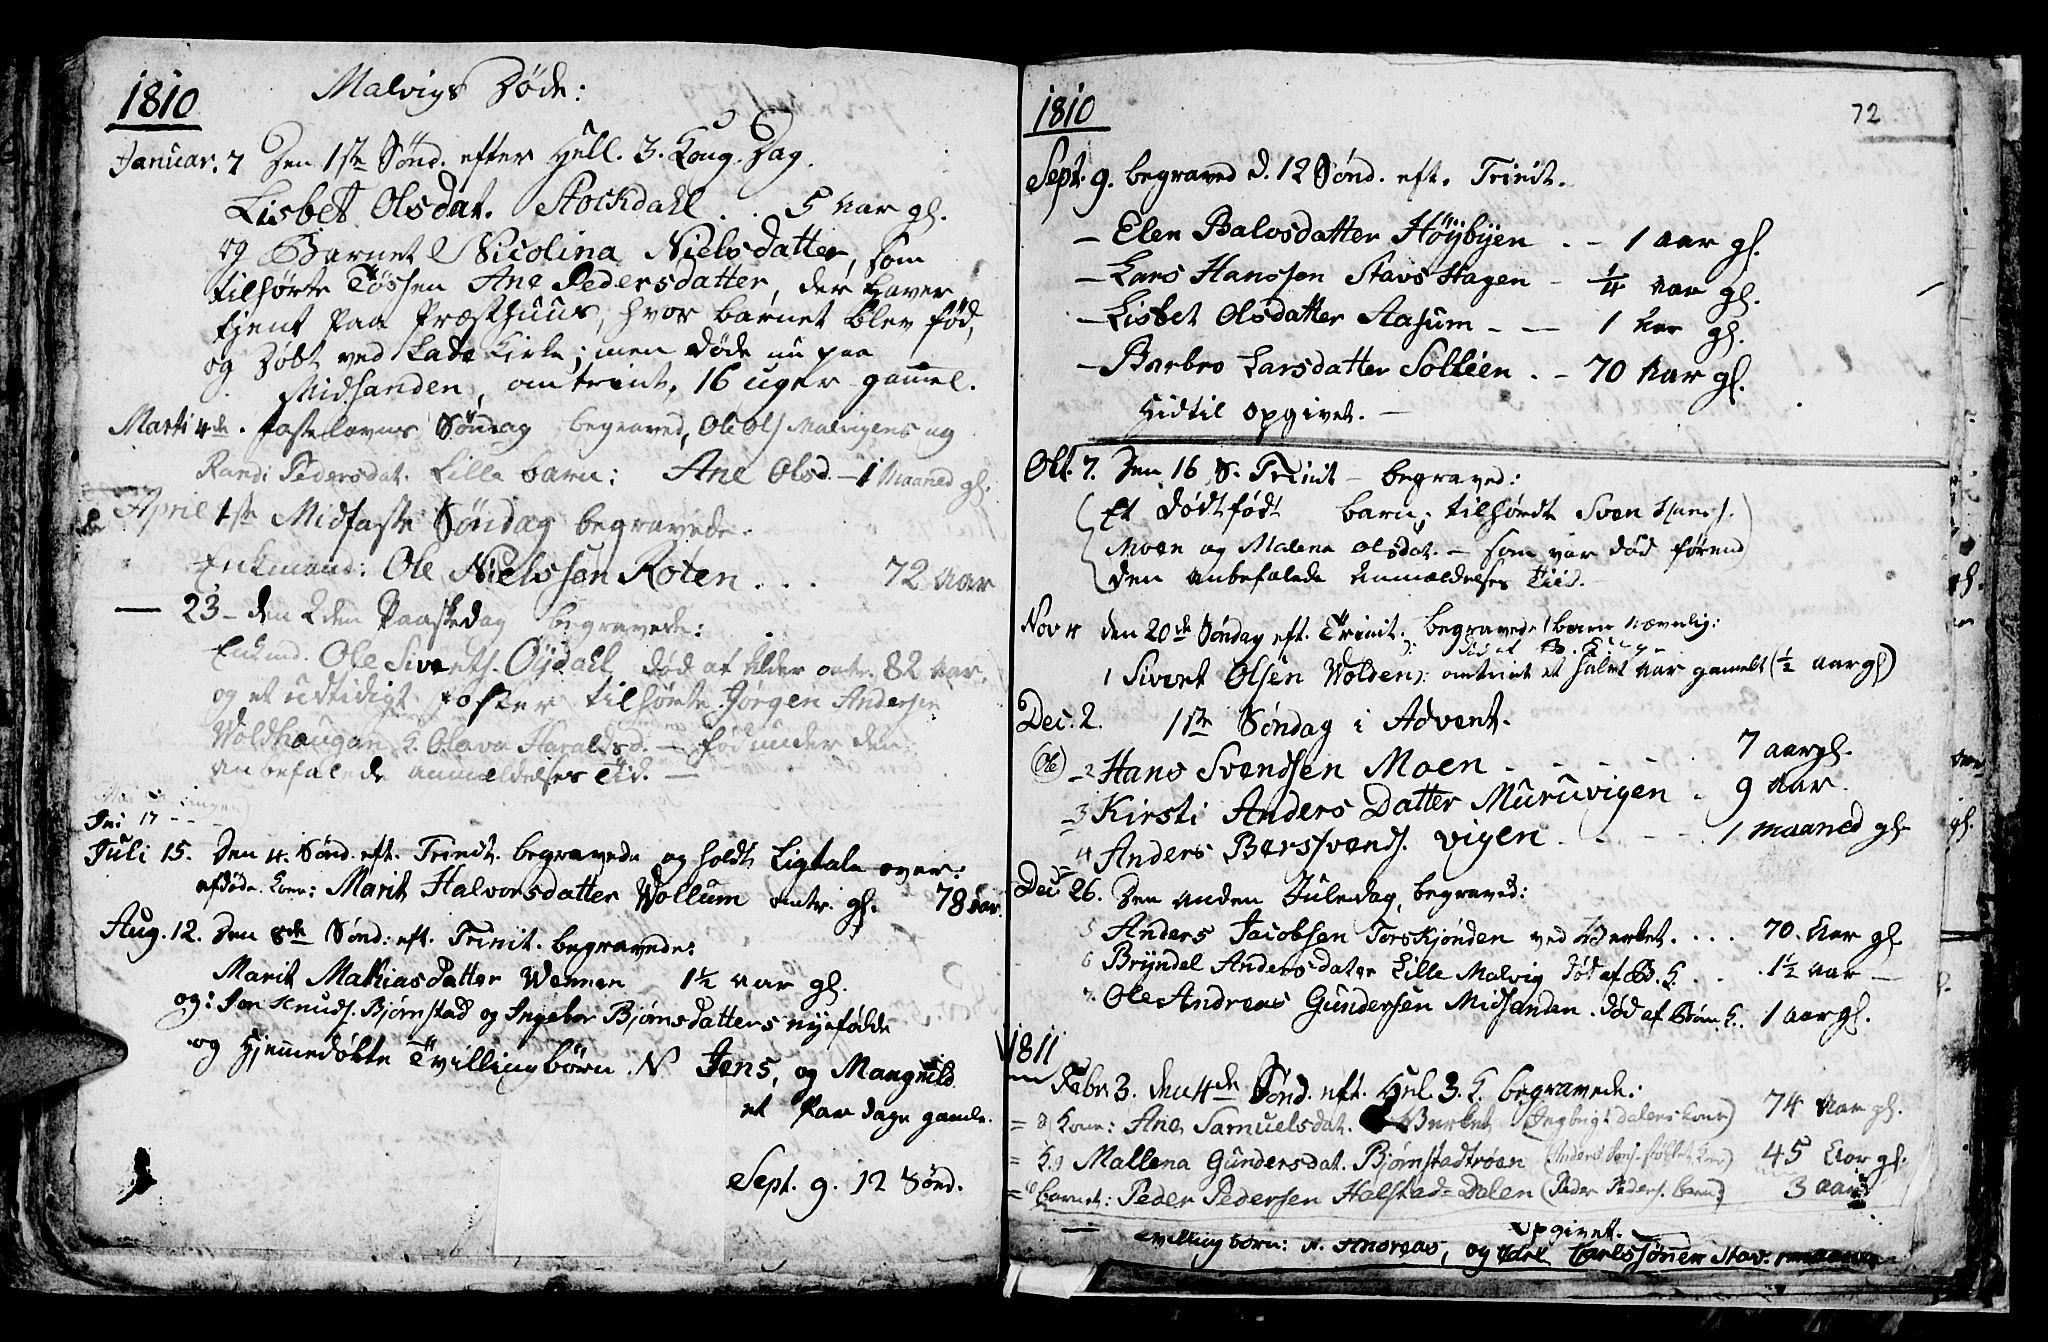 SAT, Ministerialprotokoller, klokkerbøker og fødselsregistre - Sør-Trøndelag, 616/L0419: Klokkerbok nr. 616C02, 1797-1816, s. 72